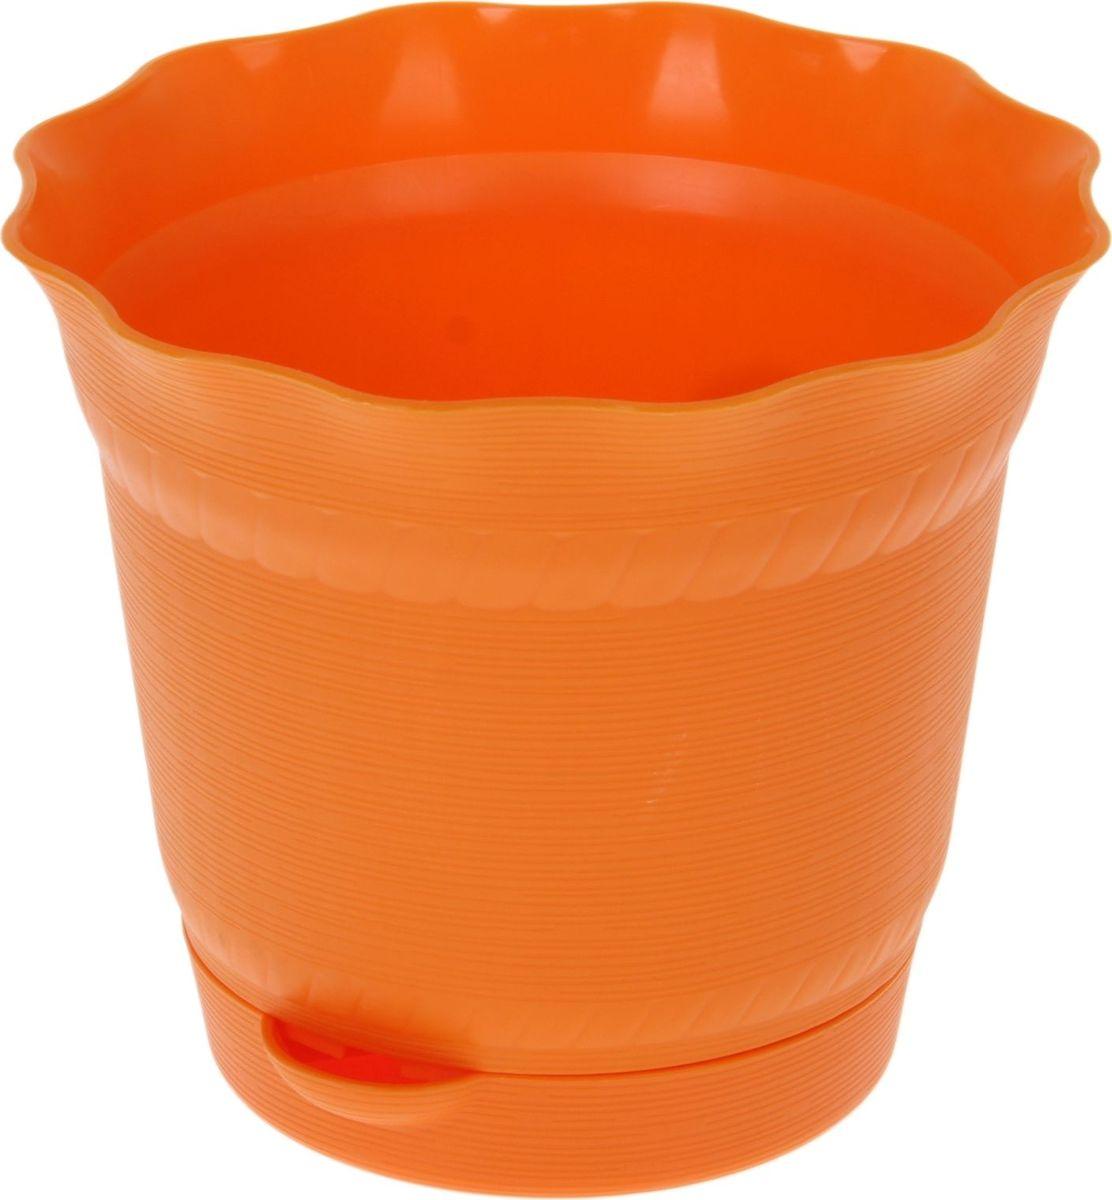 Горшок для цветов ТЕК.А.ТЕК Aquarelle, с поддоном, цвет: светло-оранжевый, 1 л1141566Любой, даже самый современный и продуманный интерьер будет не завершённым без растений. Они не только очищают воздух и насыщают его кислородом, но и заметно украшают окружающее пространство. Такому полезному &laquo члену семьи&raquoпросто необходимо красивое и функциональное кашпо, оригинальный горшок или необычная ваза! Мы предлагаем - Горшок для цветов с поддоном 1 л Aquarelle d=14 см, цвет светло-оранжевый!Оптимальный выбор материала &mdash &nbsp пластмасса! Почему мы так считаем? Малый вес. С лёгкостью переносите горшки и кашпо с места на место, ставьте их на столики или полки, подвешивайте под потолок, не беспокоясь о нагрузке. Простота ухода. Пластиковые изделия не нуждаются в специальных условиях хранения. Их&nbsp легко чистить &mdashдостаточно просто сполоснуть тёплой водой. Никаких царапин. Пластиковые кашпо не царапают и не загрязняют поверхности, на которых стоят. Пластик дольше хранит влагу, а значит &mdashрастение реже нуждается в поливе. Пластмасса не пропускает воздух &mdashкорневой системе растения не грозят резкие перепады температур. Огромный выбор форм, декора и расцветок &mdashвы без труда подберёте что-то, что идеально впишется в уже существующий интерьер.Соблюдая нехитрые правила ухода, вы можете заметно продлить срок службы горшков, вазонов и кашпо из пластика: всегда учитывайте размер кроны и корневой системы растения (при разрастании большое растение способно повредить маленький горшок)берегите изделие от воздействия прямых солнечных лучей, чтобы кашпо и горшки не выцветалидержите кашпо и горшки из пластика подальше от нагревающихся поверхностей.Создавайте прекрасные цветочные композиции, выращивайте рассаду или необычные растения, а низкие цены позволят вам не ограничивать себя в выборе.